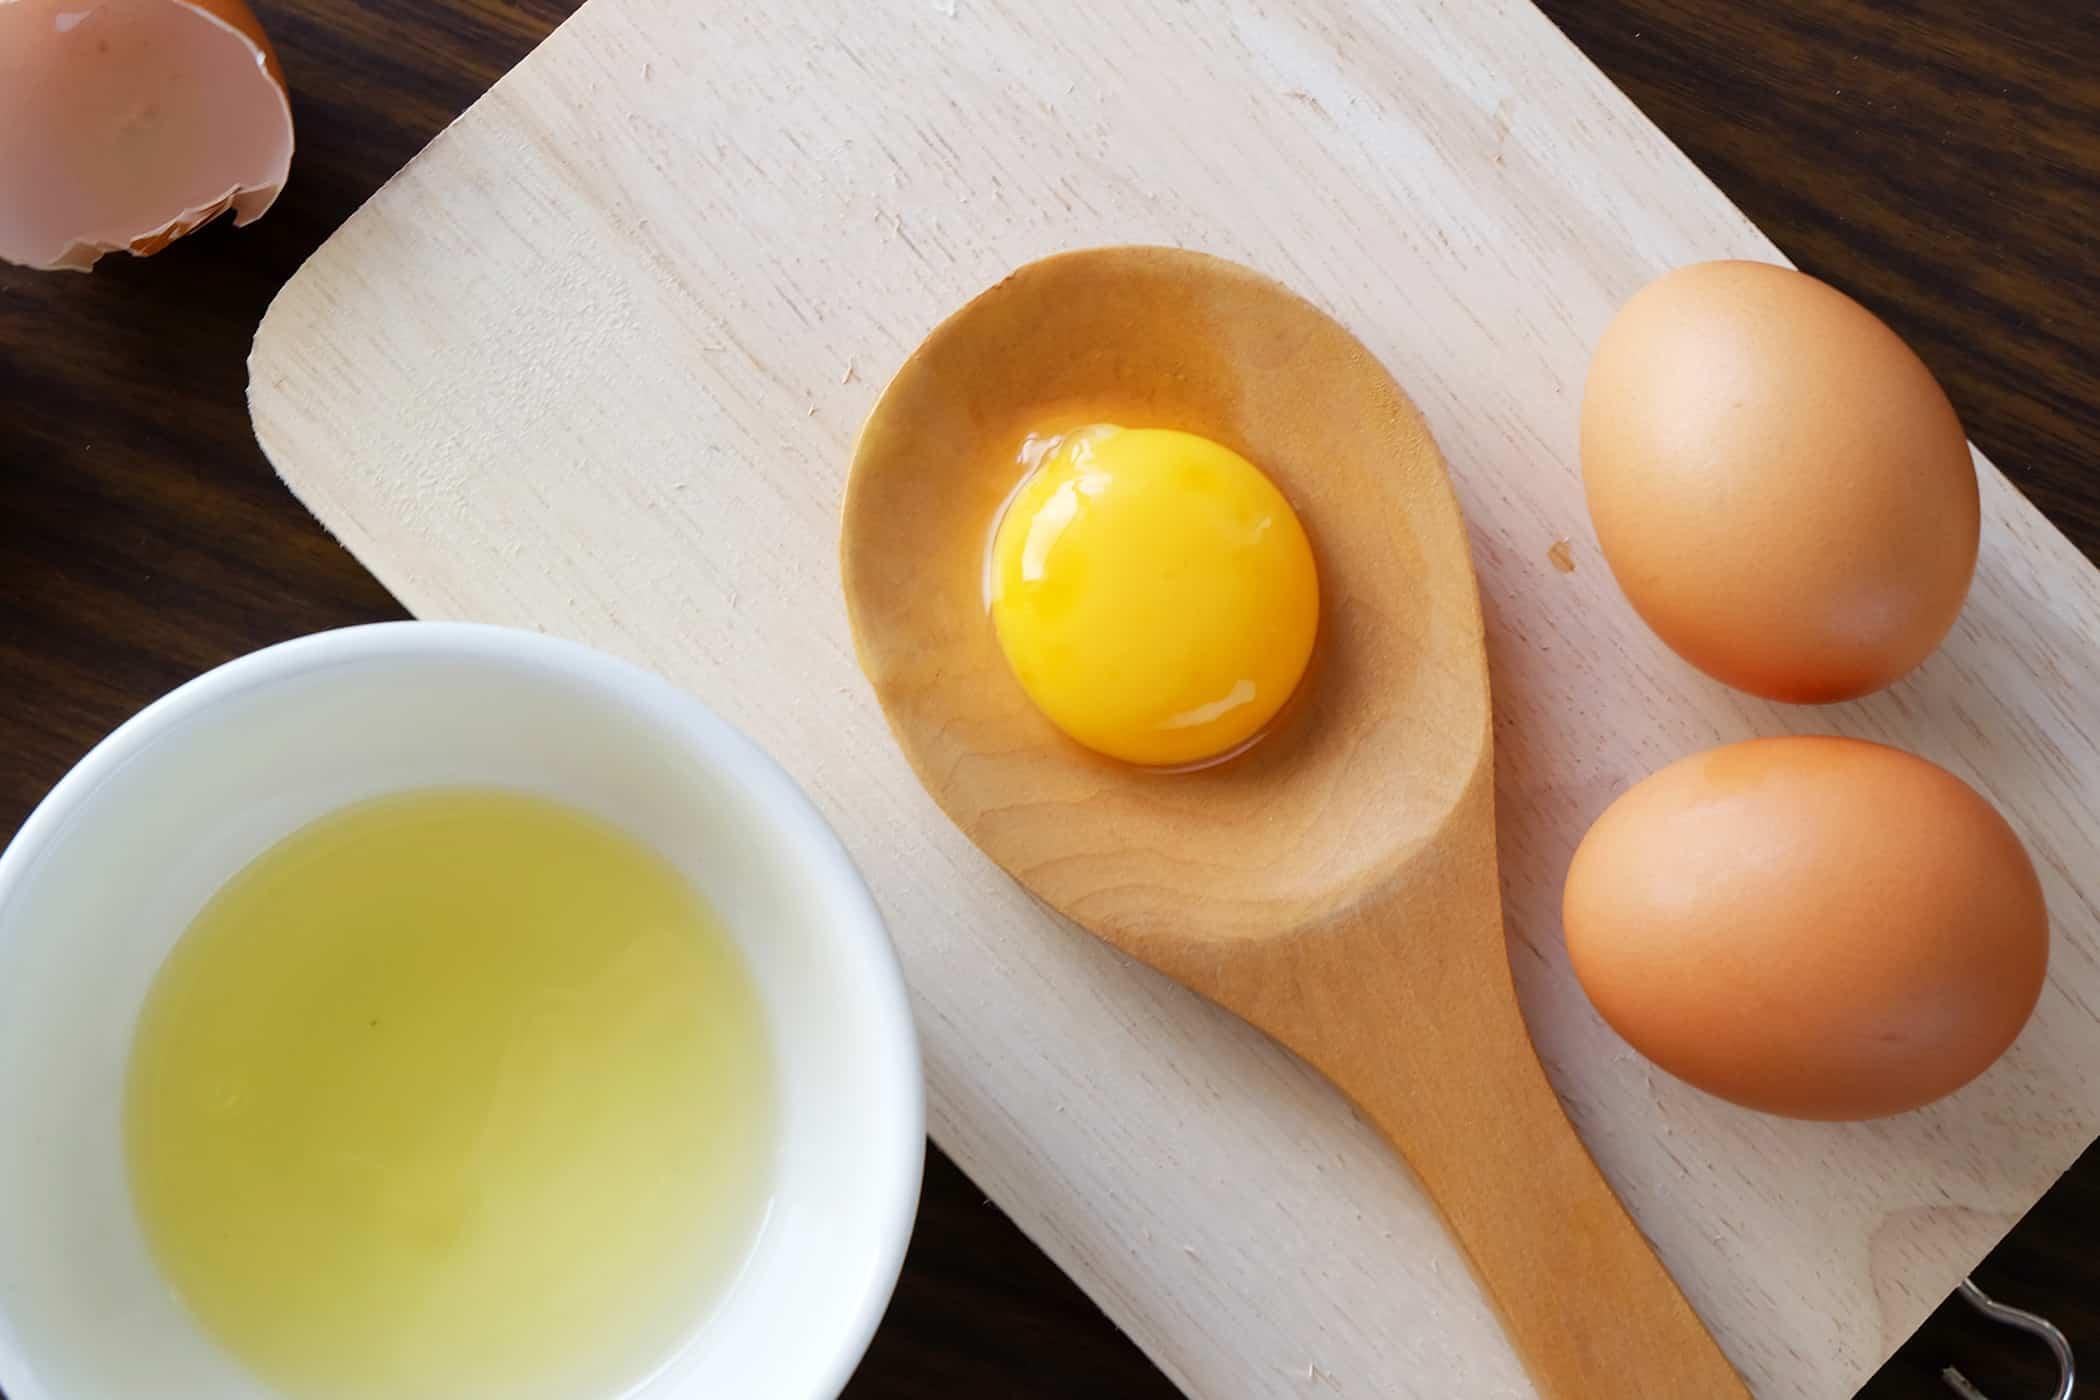 Manfaat Telur Untuk Kesehatan